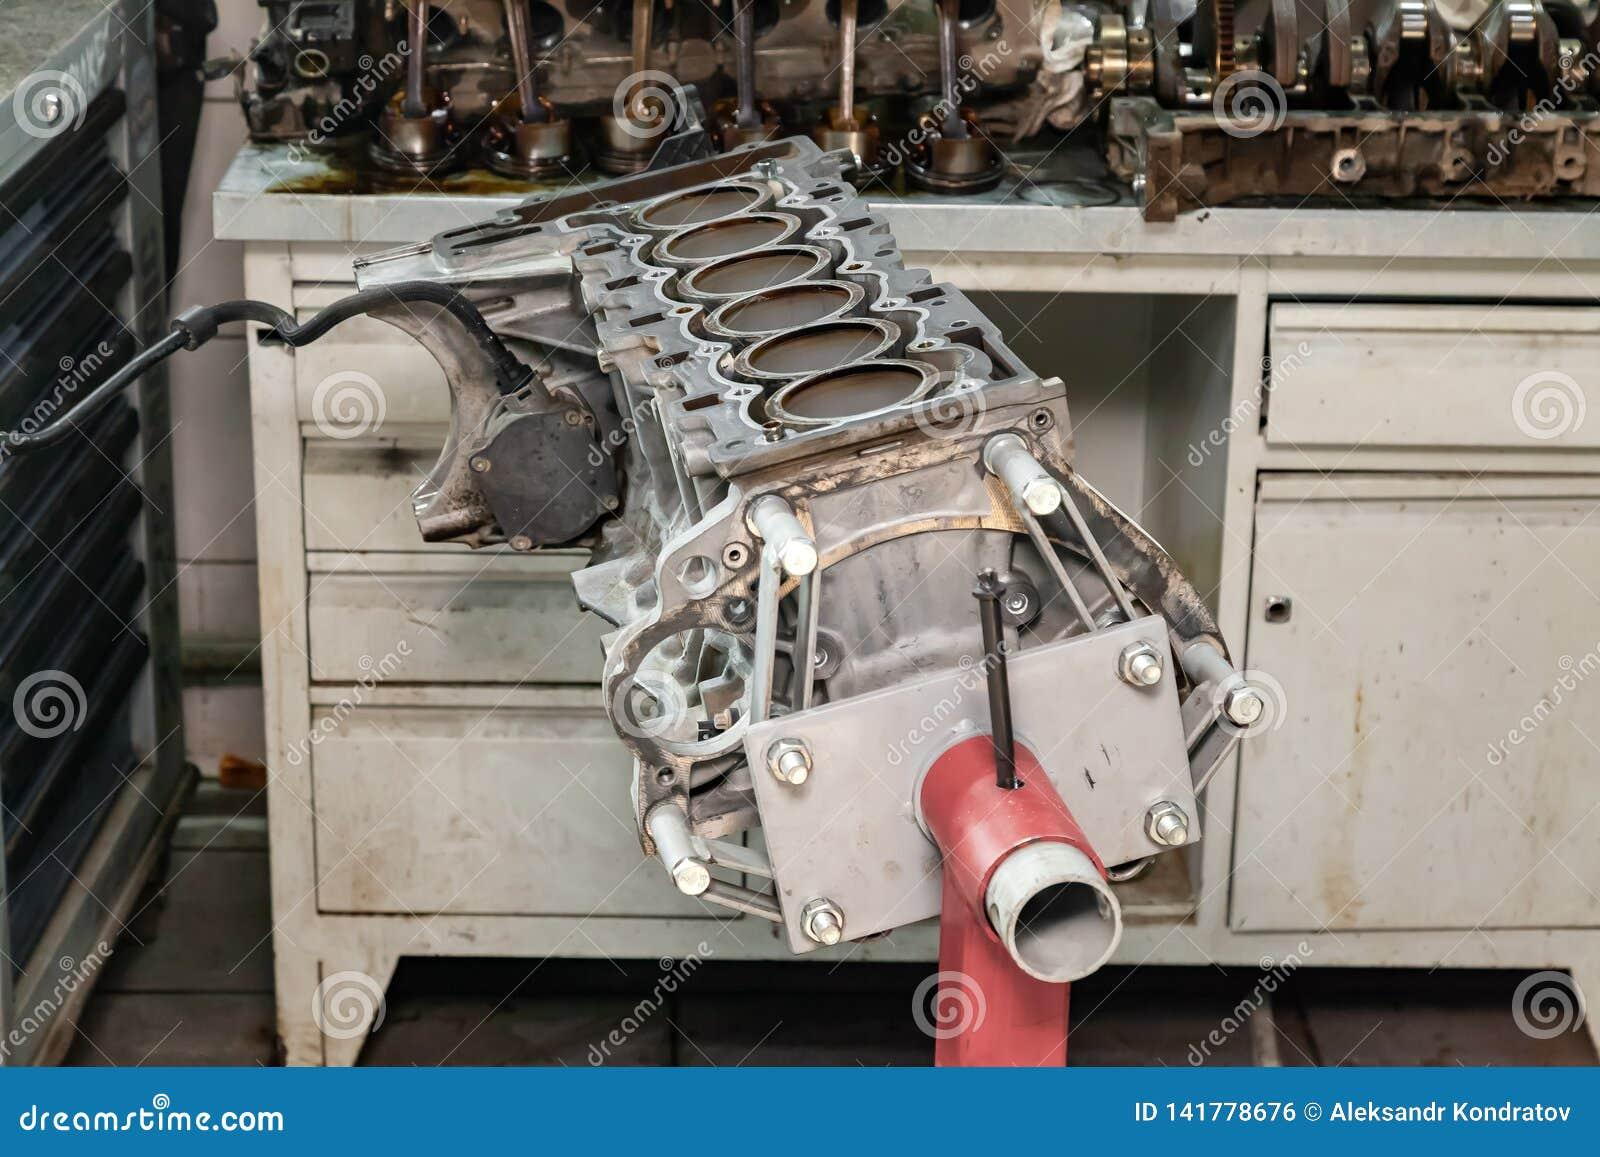 Ersatz sechs cilinder Maschine benutzt auf einem roten Kran angebracht für Installation an einem Auto nach einem Zusammenbruch un